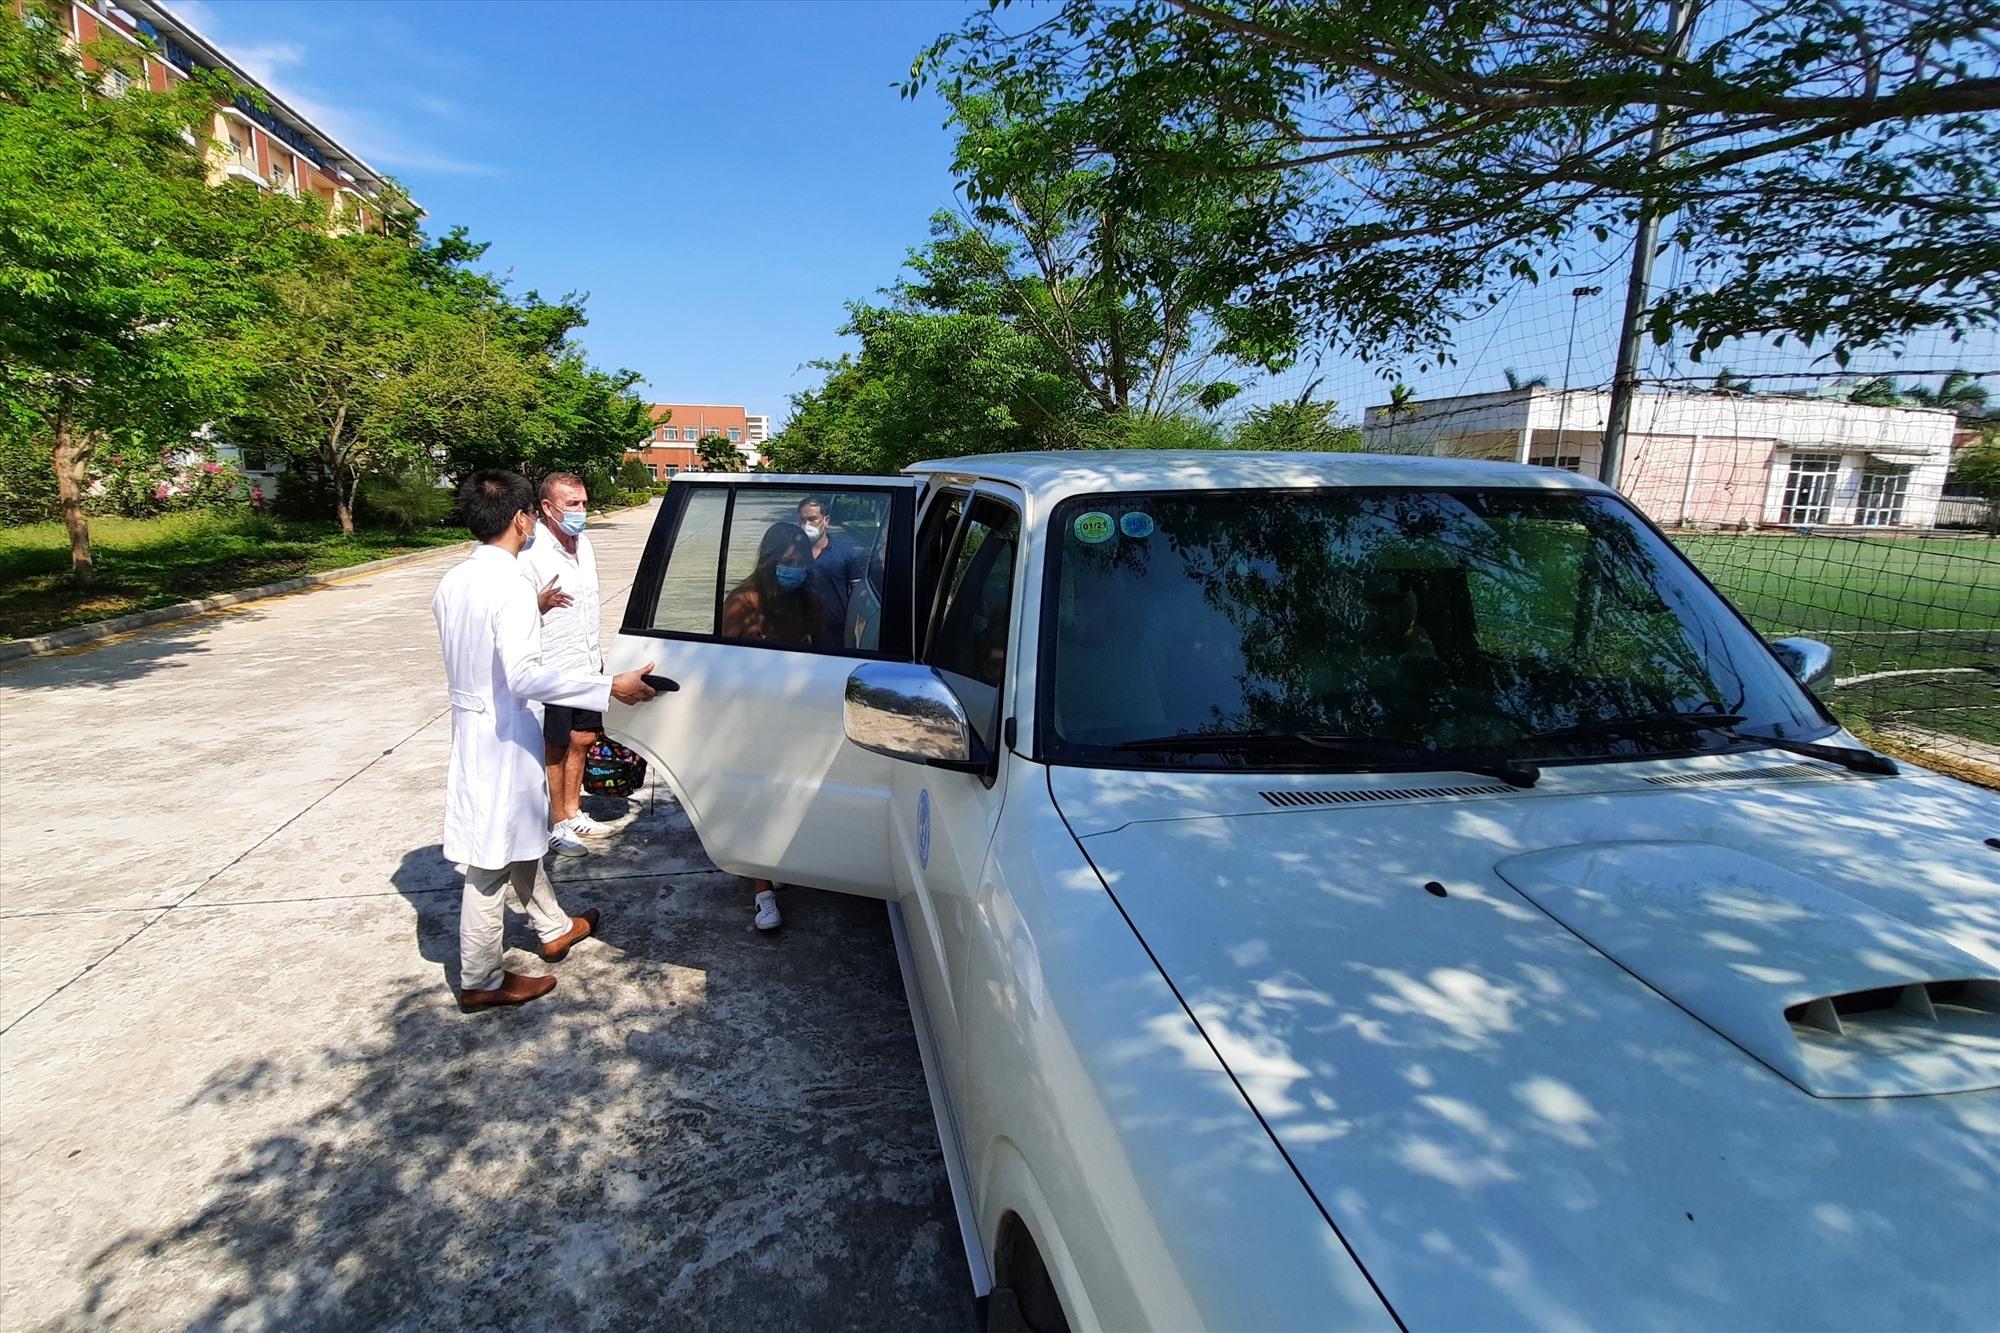 Xe của Trung tâm Kiểm soát bệnh tật Quảng Nam đảm trách công tác đưa đón vợ chồng người Anh di chuyển đến khách sạn. Ảnh: ĐẠO QUÂN